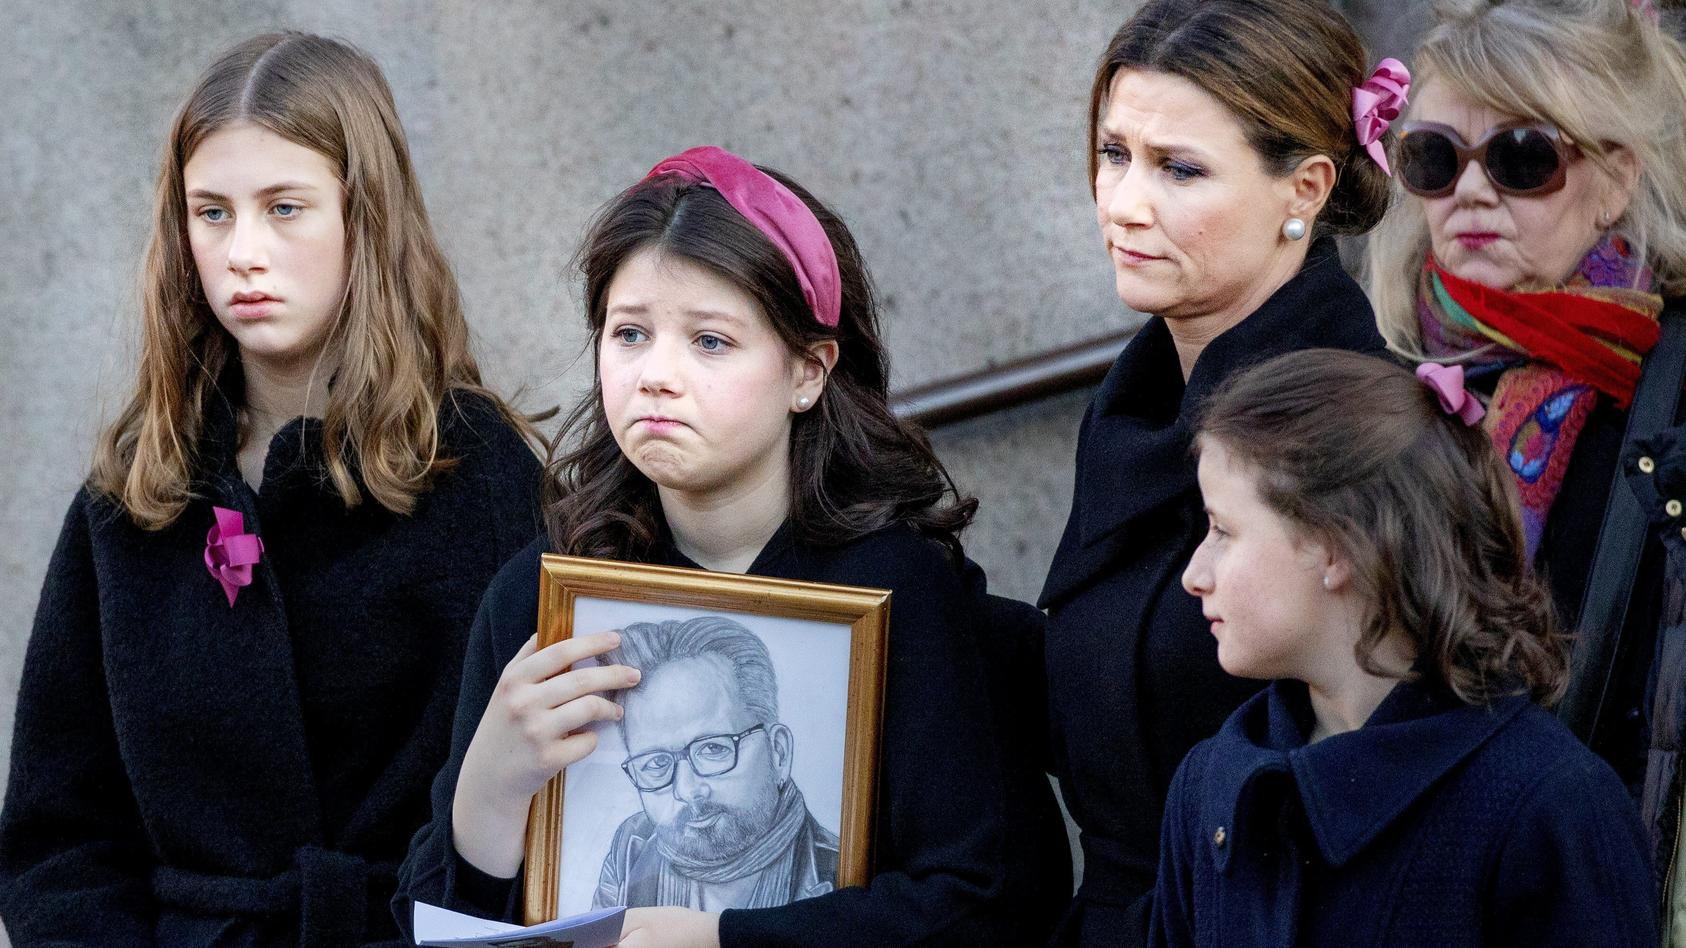 Maud (mittig), zwischen ihren Schwestern Leah (links) und Emma (rechts) auf der Beerdigung ihres Vaters.